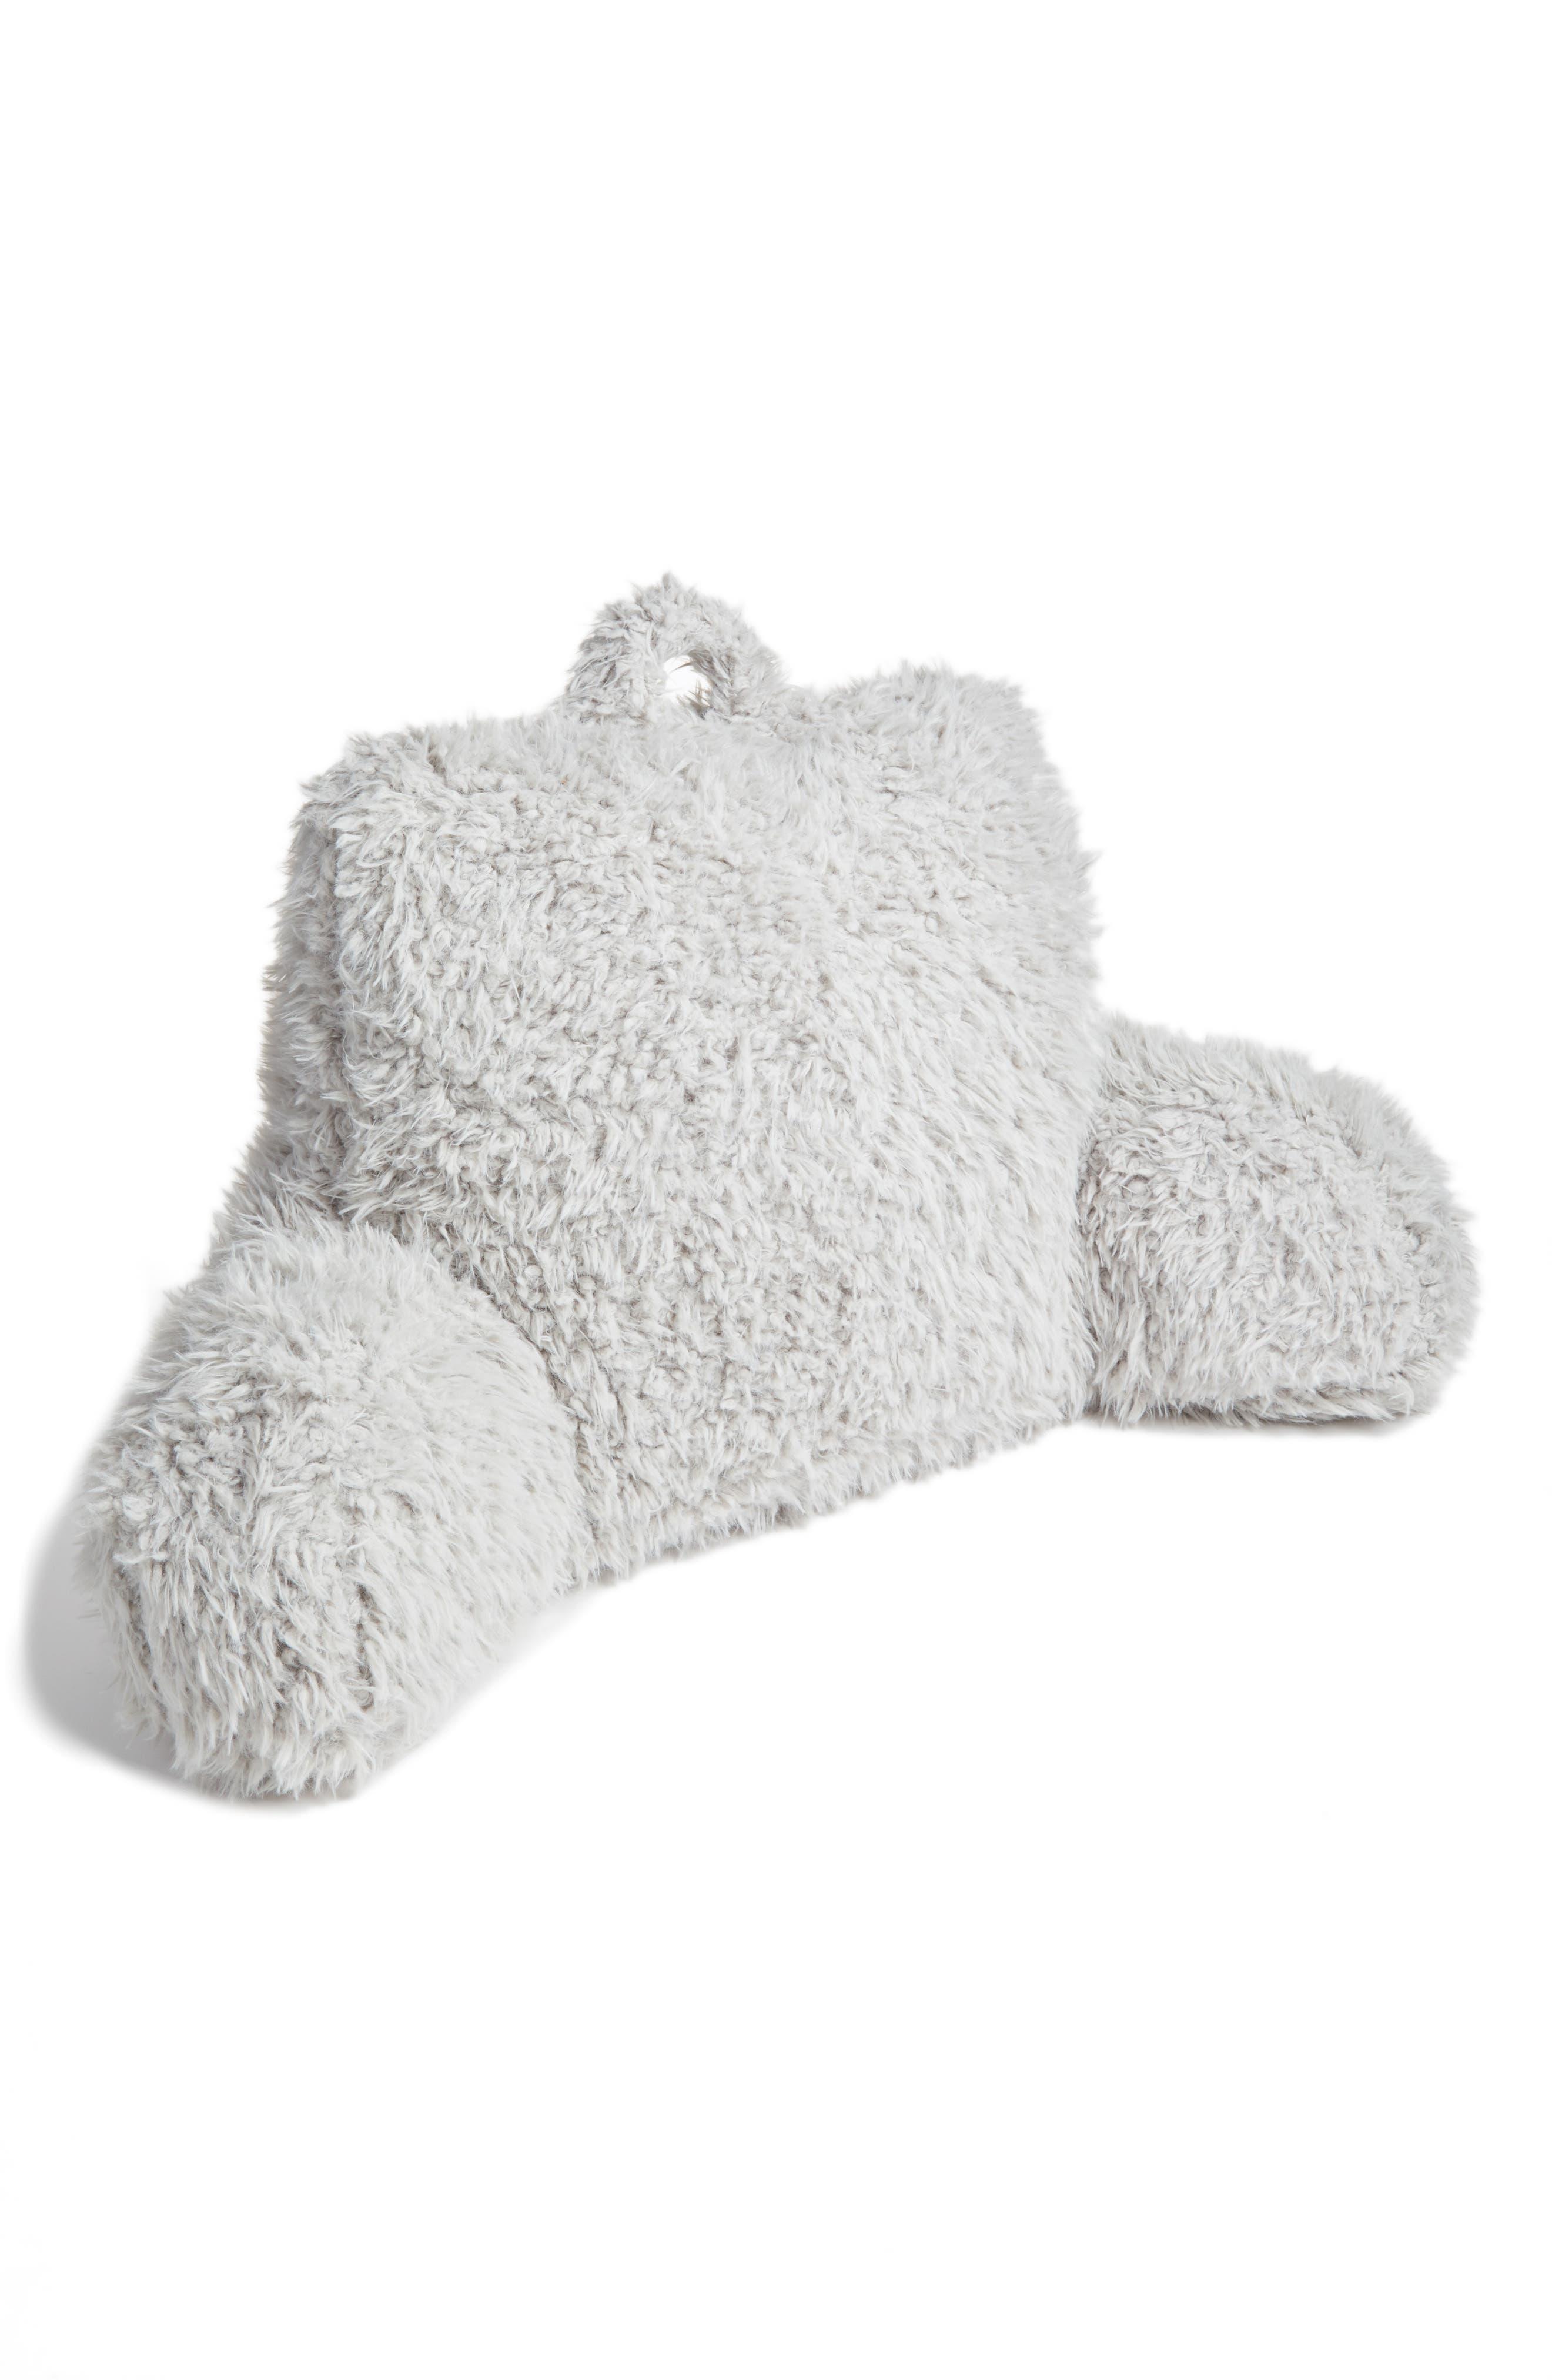 Shaggy Faux Fur Backrest Pillow,                         Main,                         color, 020